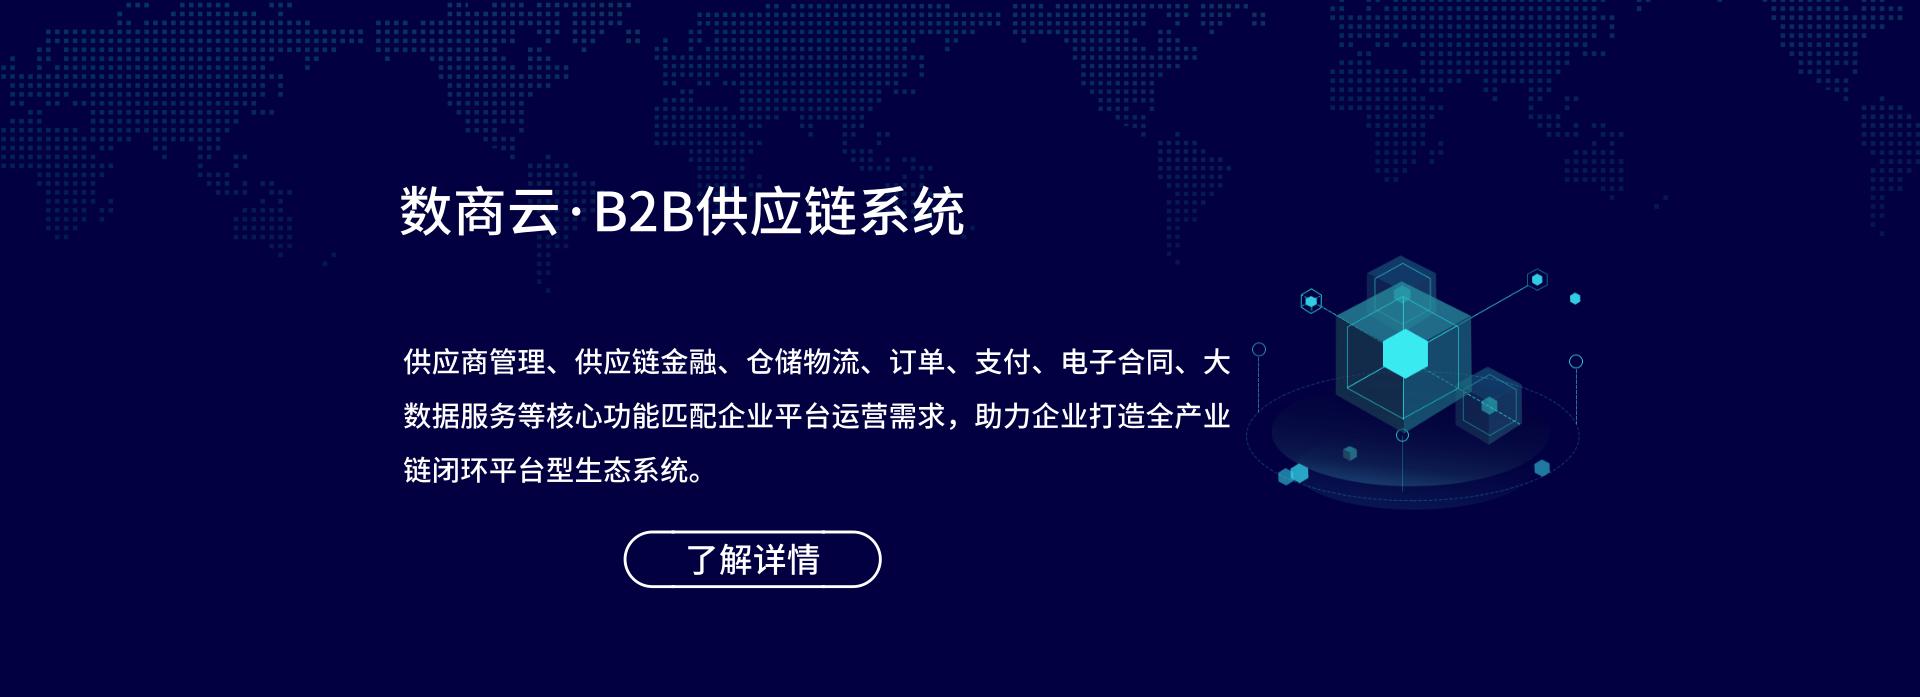 B2B供应链系统